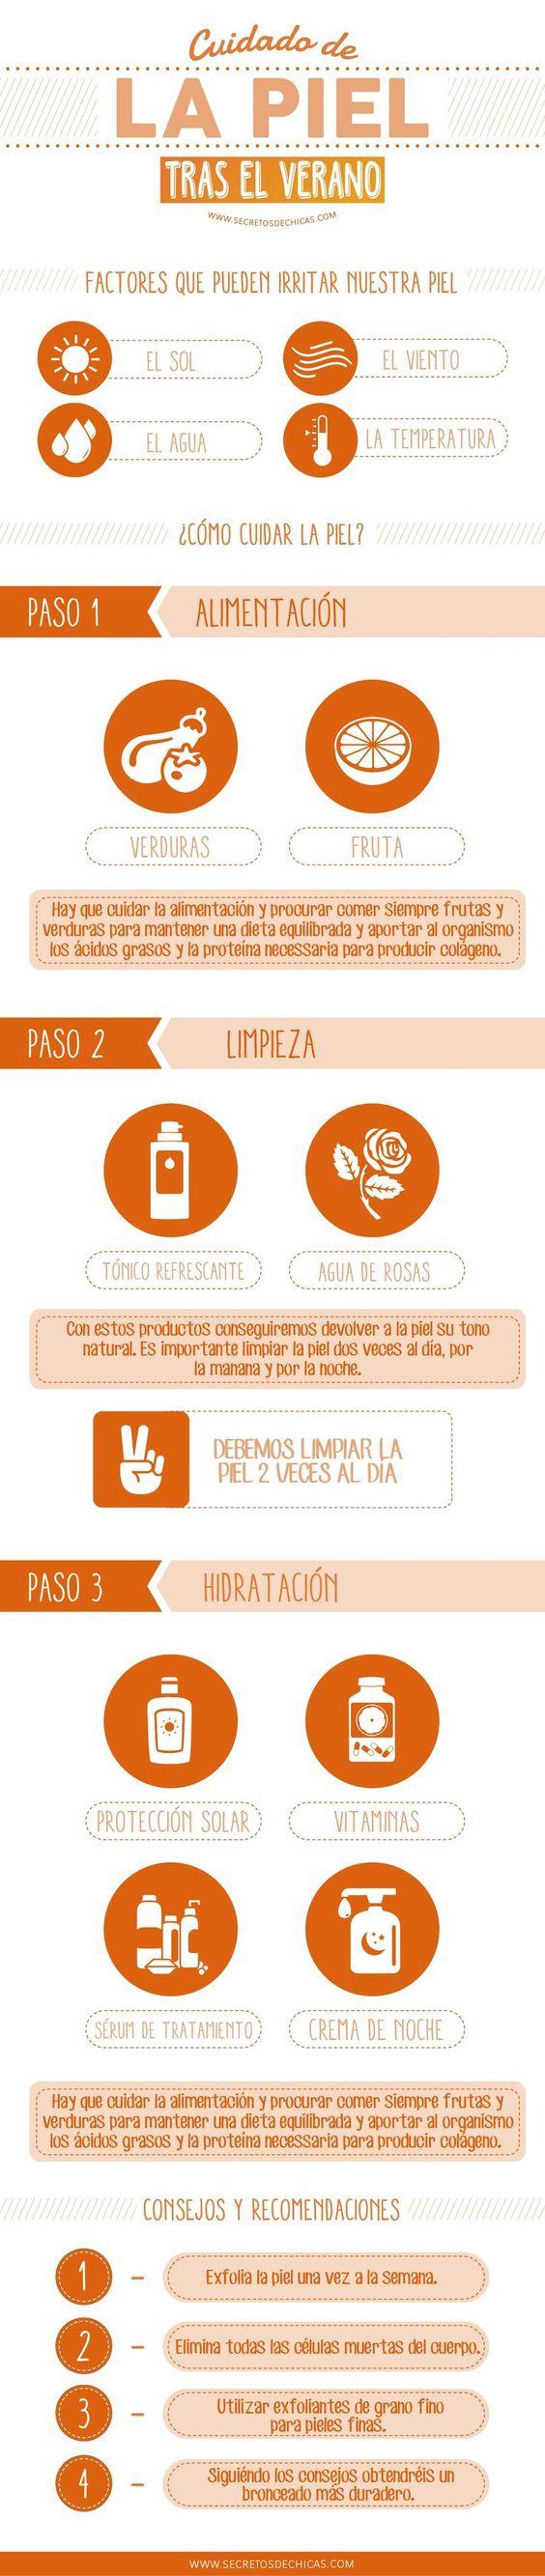 Cómo cuidar la piel después del verano. #infografia #salud #verano: